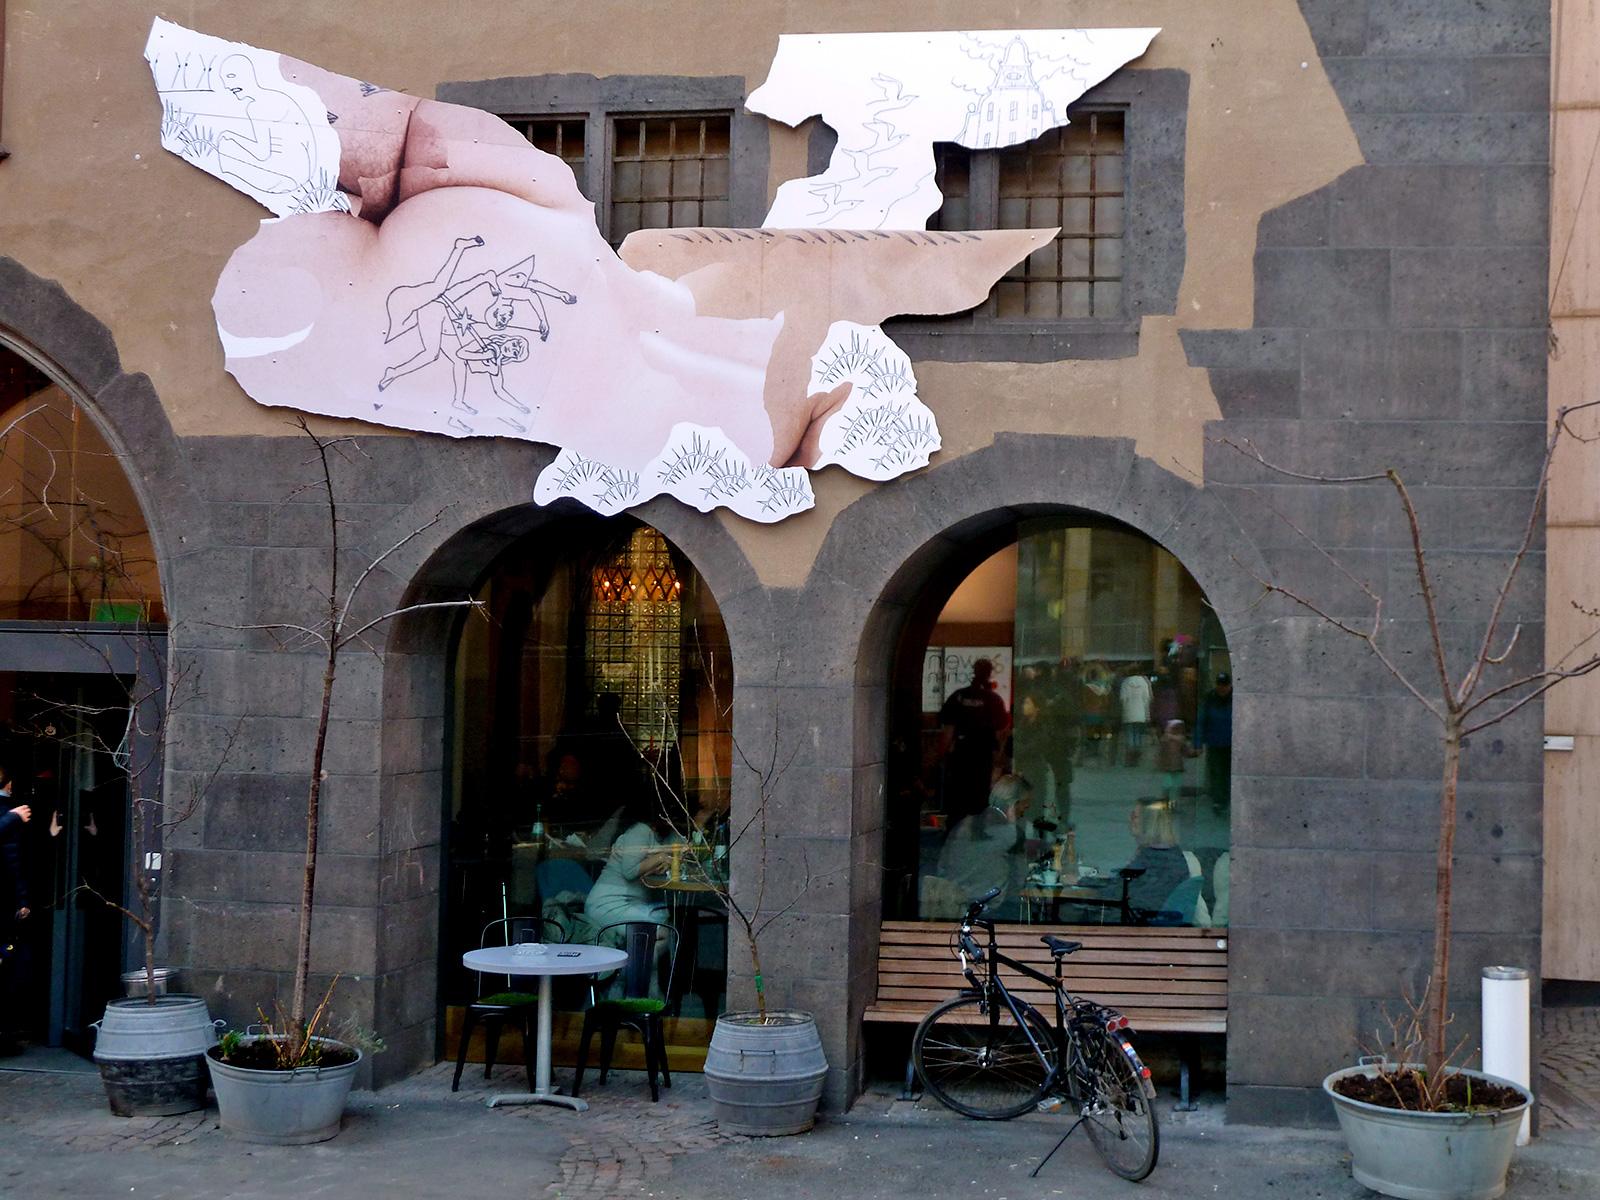 Frankfurter Kunstverein - David Schiesser Wandinstallation